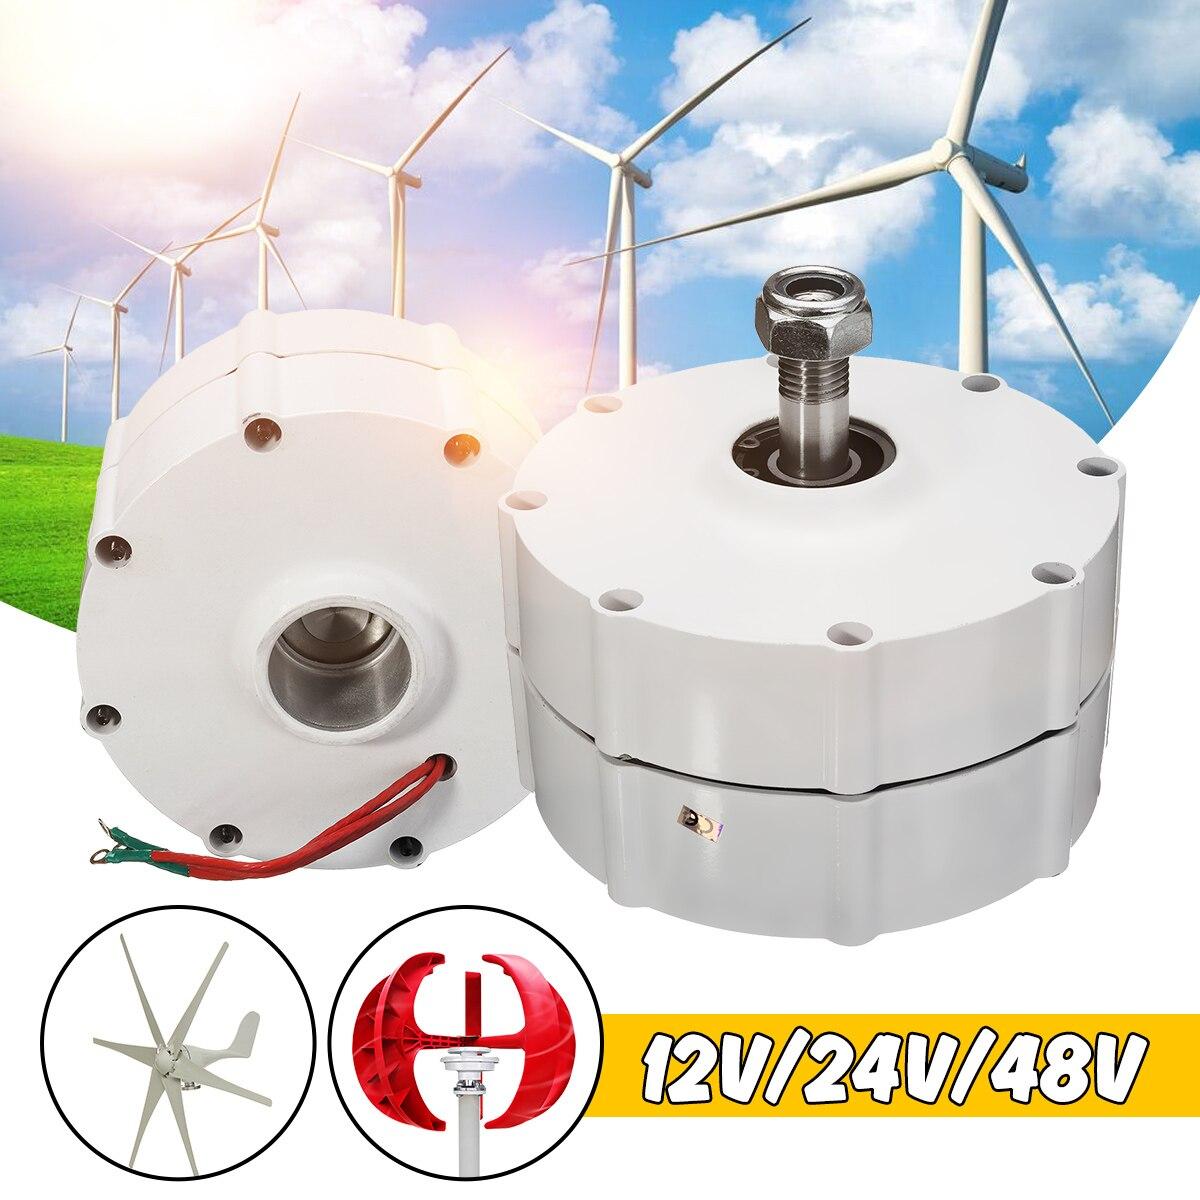 Moteur Permanent de générateur d'aimant de moteur de générateur de vent de 800W 12V 24V 48V pour le contrôleur de lame d'éoliennes courant de 3 phases PMSG